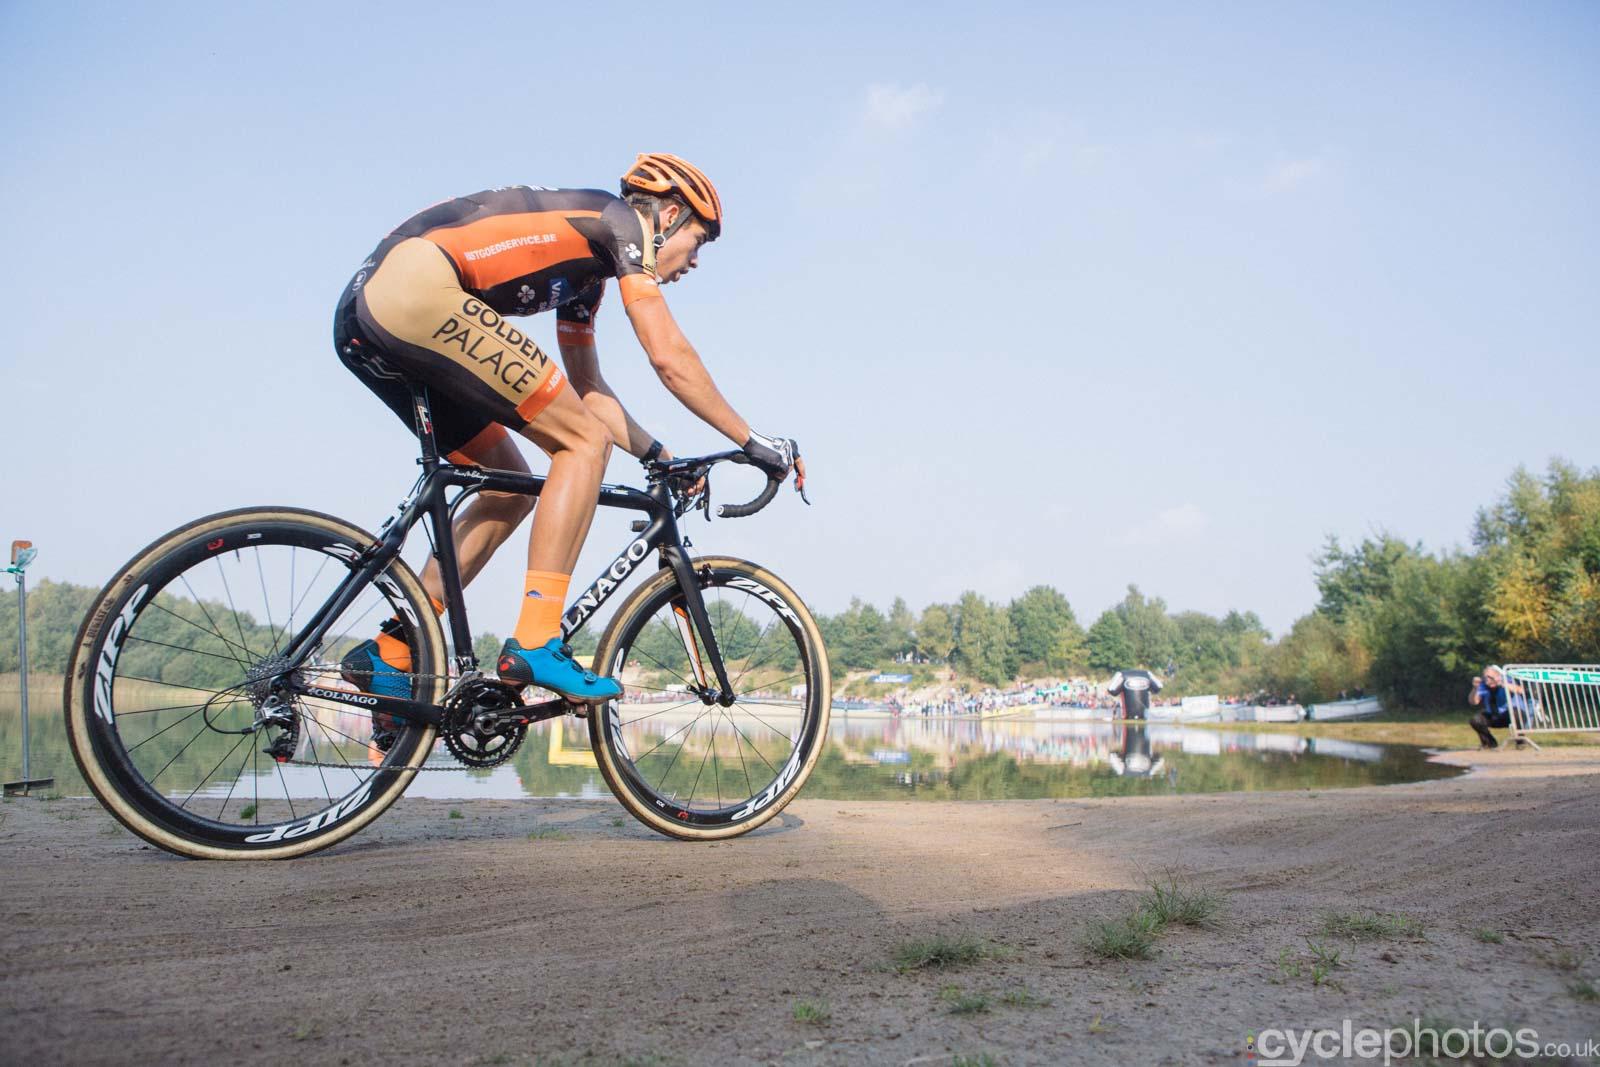 Wout Van Aert in the lead. Elite men's Superprestige race in Gieten, The Netherlands. All rights reserved. �Balint Hamvas / Cyclephotos